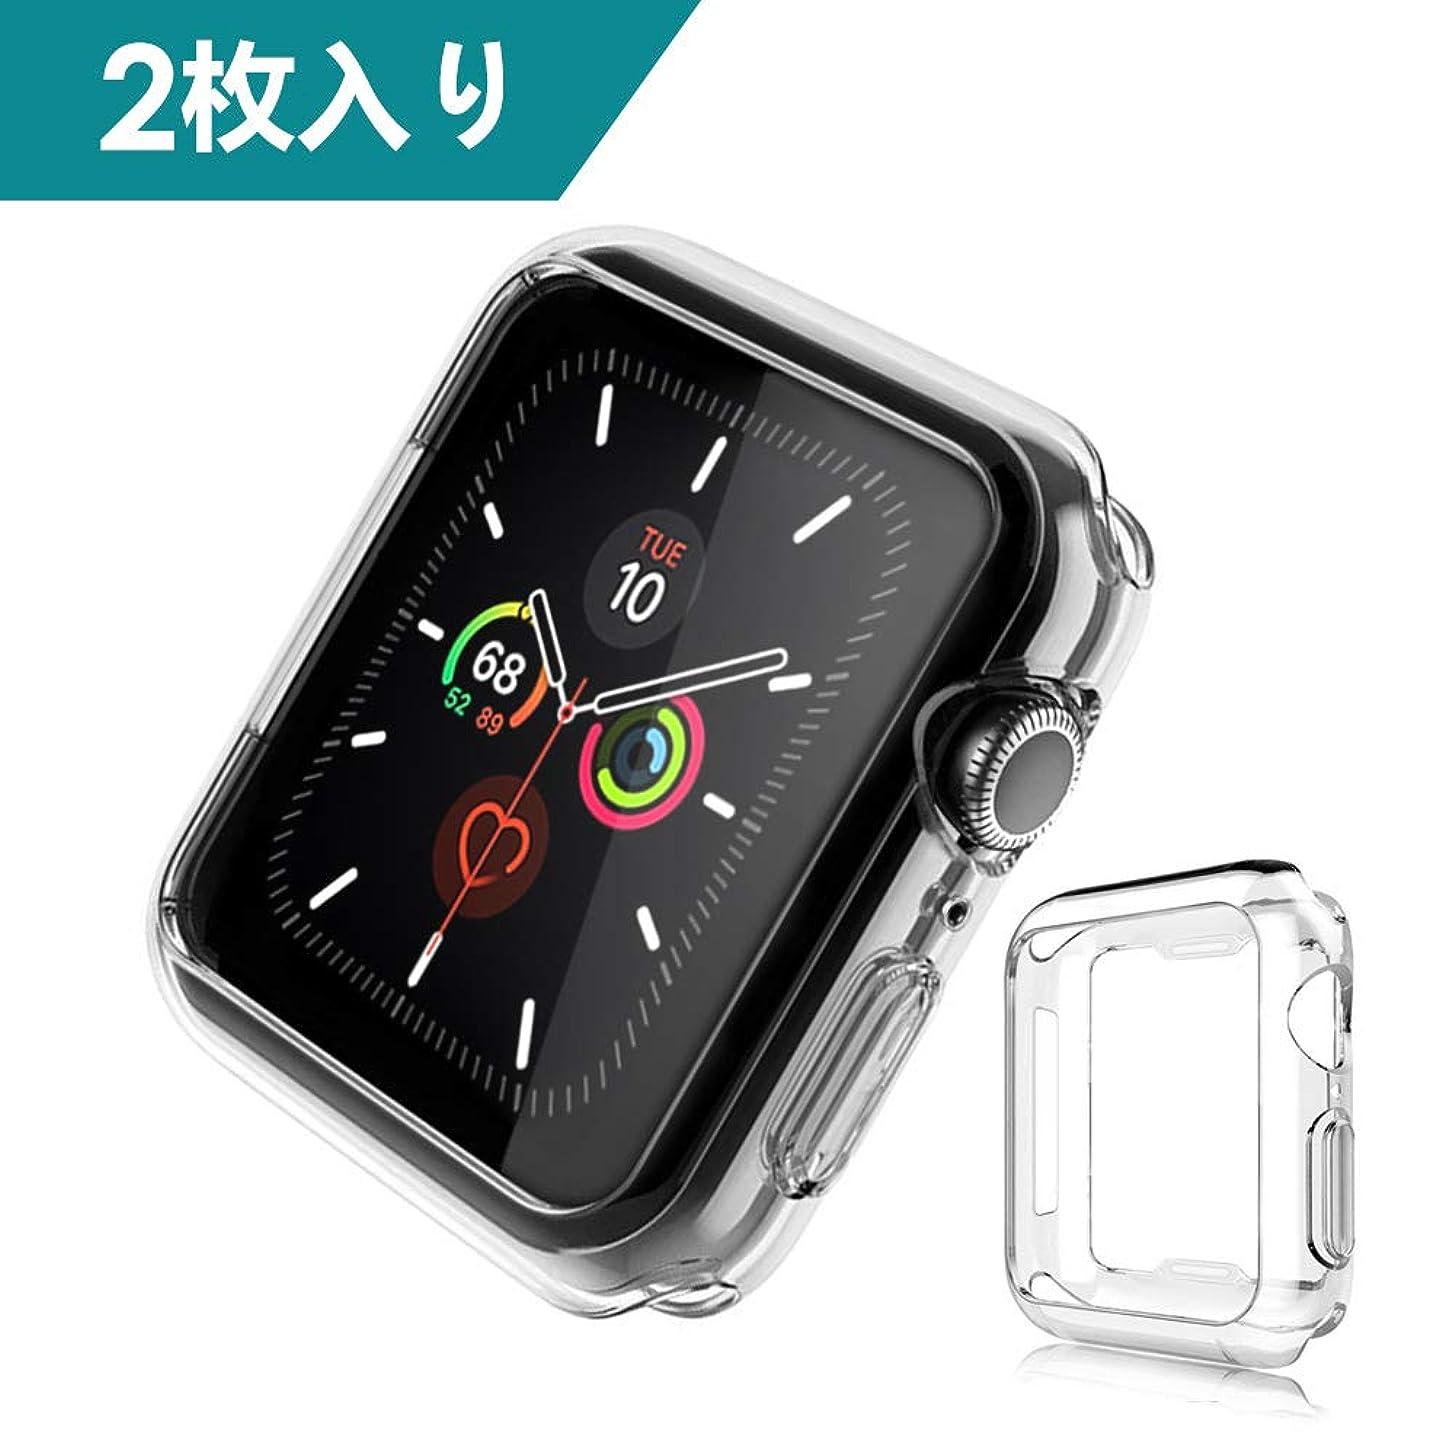 剃る売るアフリカ人Dalinch Apple Watch 44mm ケース Apple Watch ケース 二個セット 衝撃防止 本体保護 装着簡単 水防止 TPU周り保護ケース For Apple Watch Series 4 (2枚) …